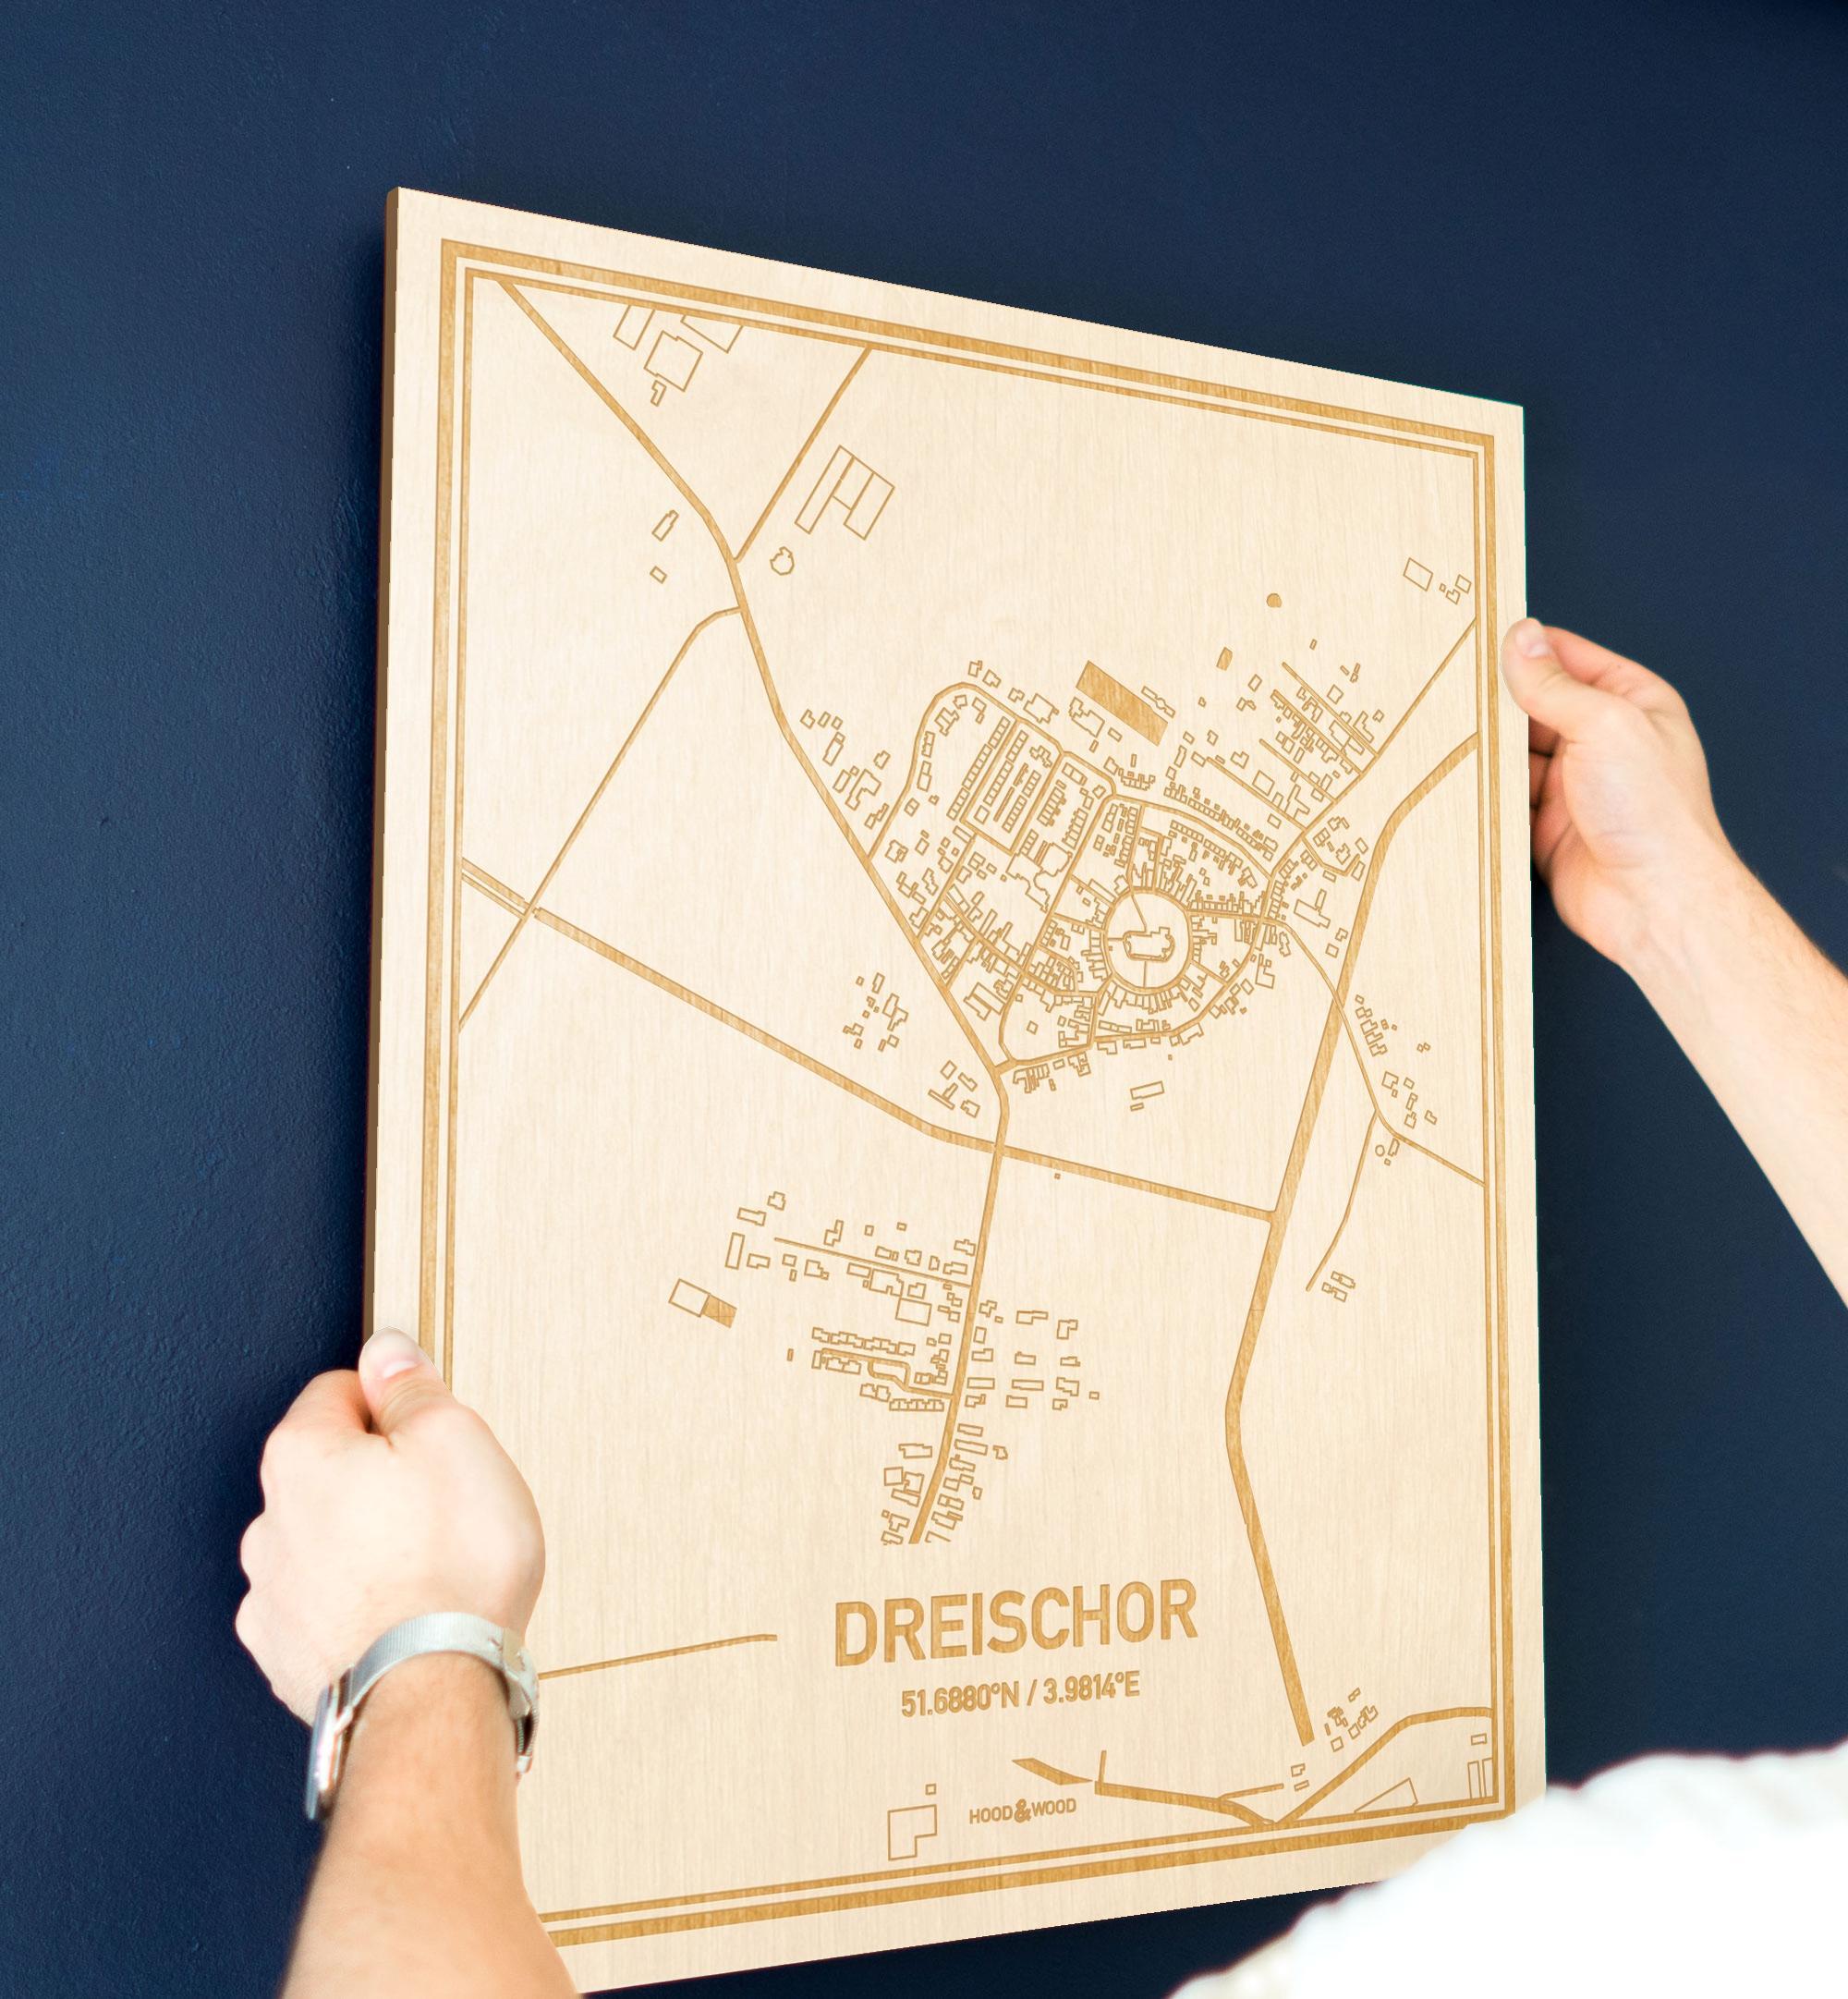 Een man hangt de houten plattegrond Dreischor aan zijn blauwe muur ter decoratie. Je ziet alleen zijn handen de kaart van deze verrassende in Zeeland vasthouden.